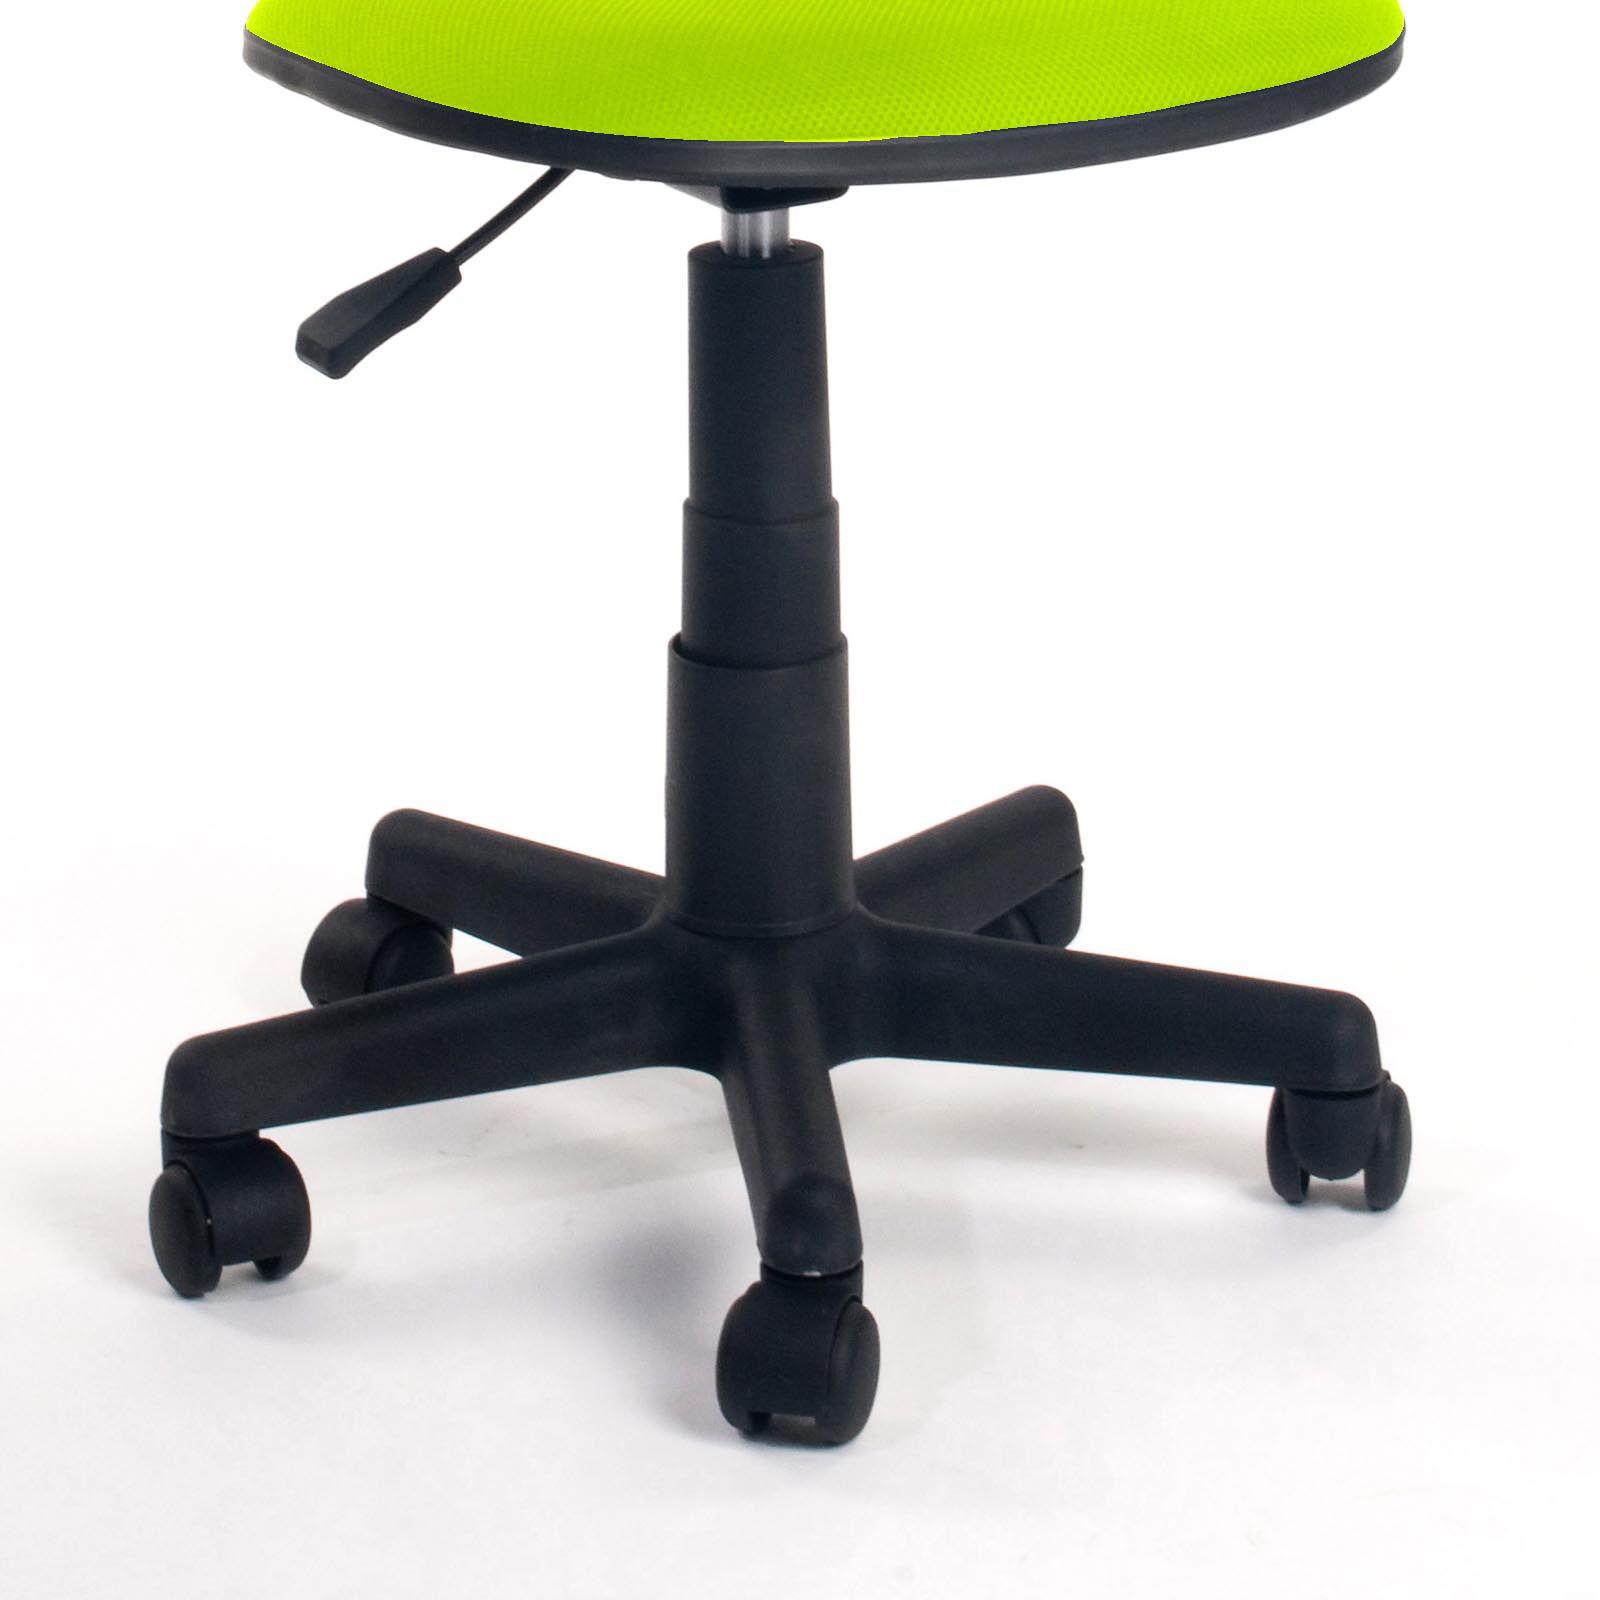 Ergonomic kid room mesh task computer desk office midback task chair swivel seat ebay - Ergo kids task chair ...